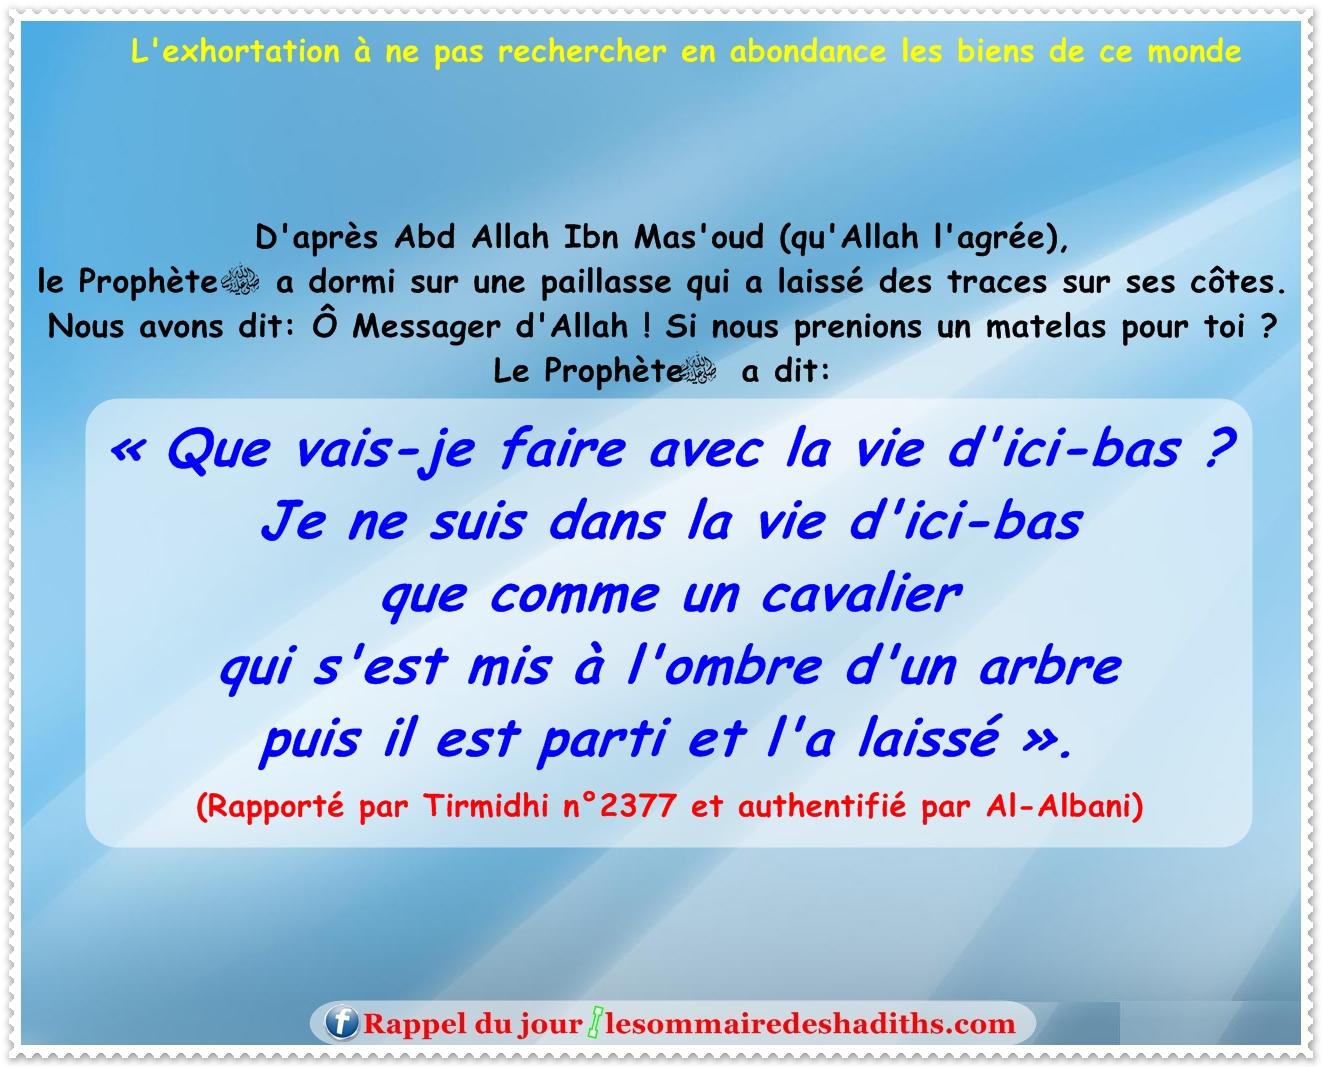 hadith L'exhortation à ne pas rechercher en abondance les biens de ce monde (Abdallah Ibn Mas'ud)